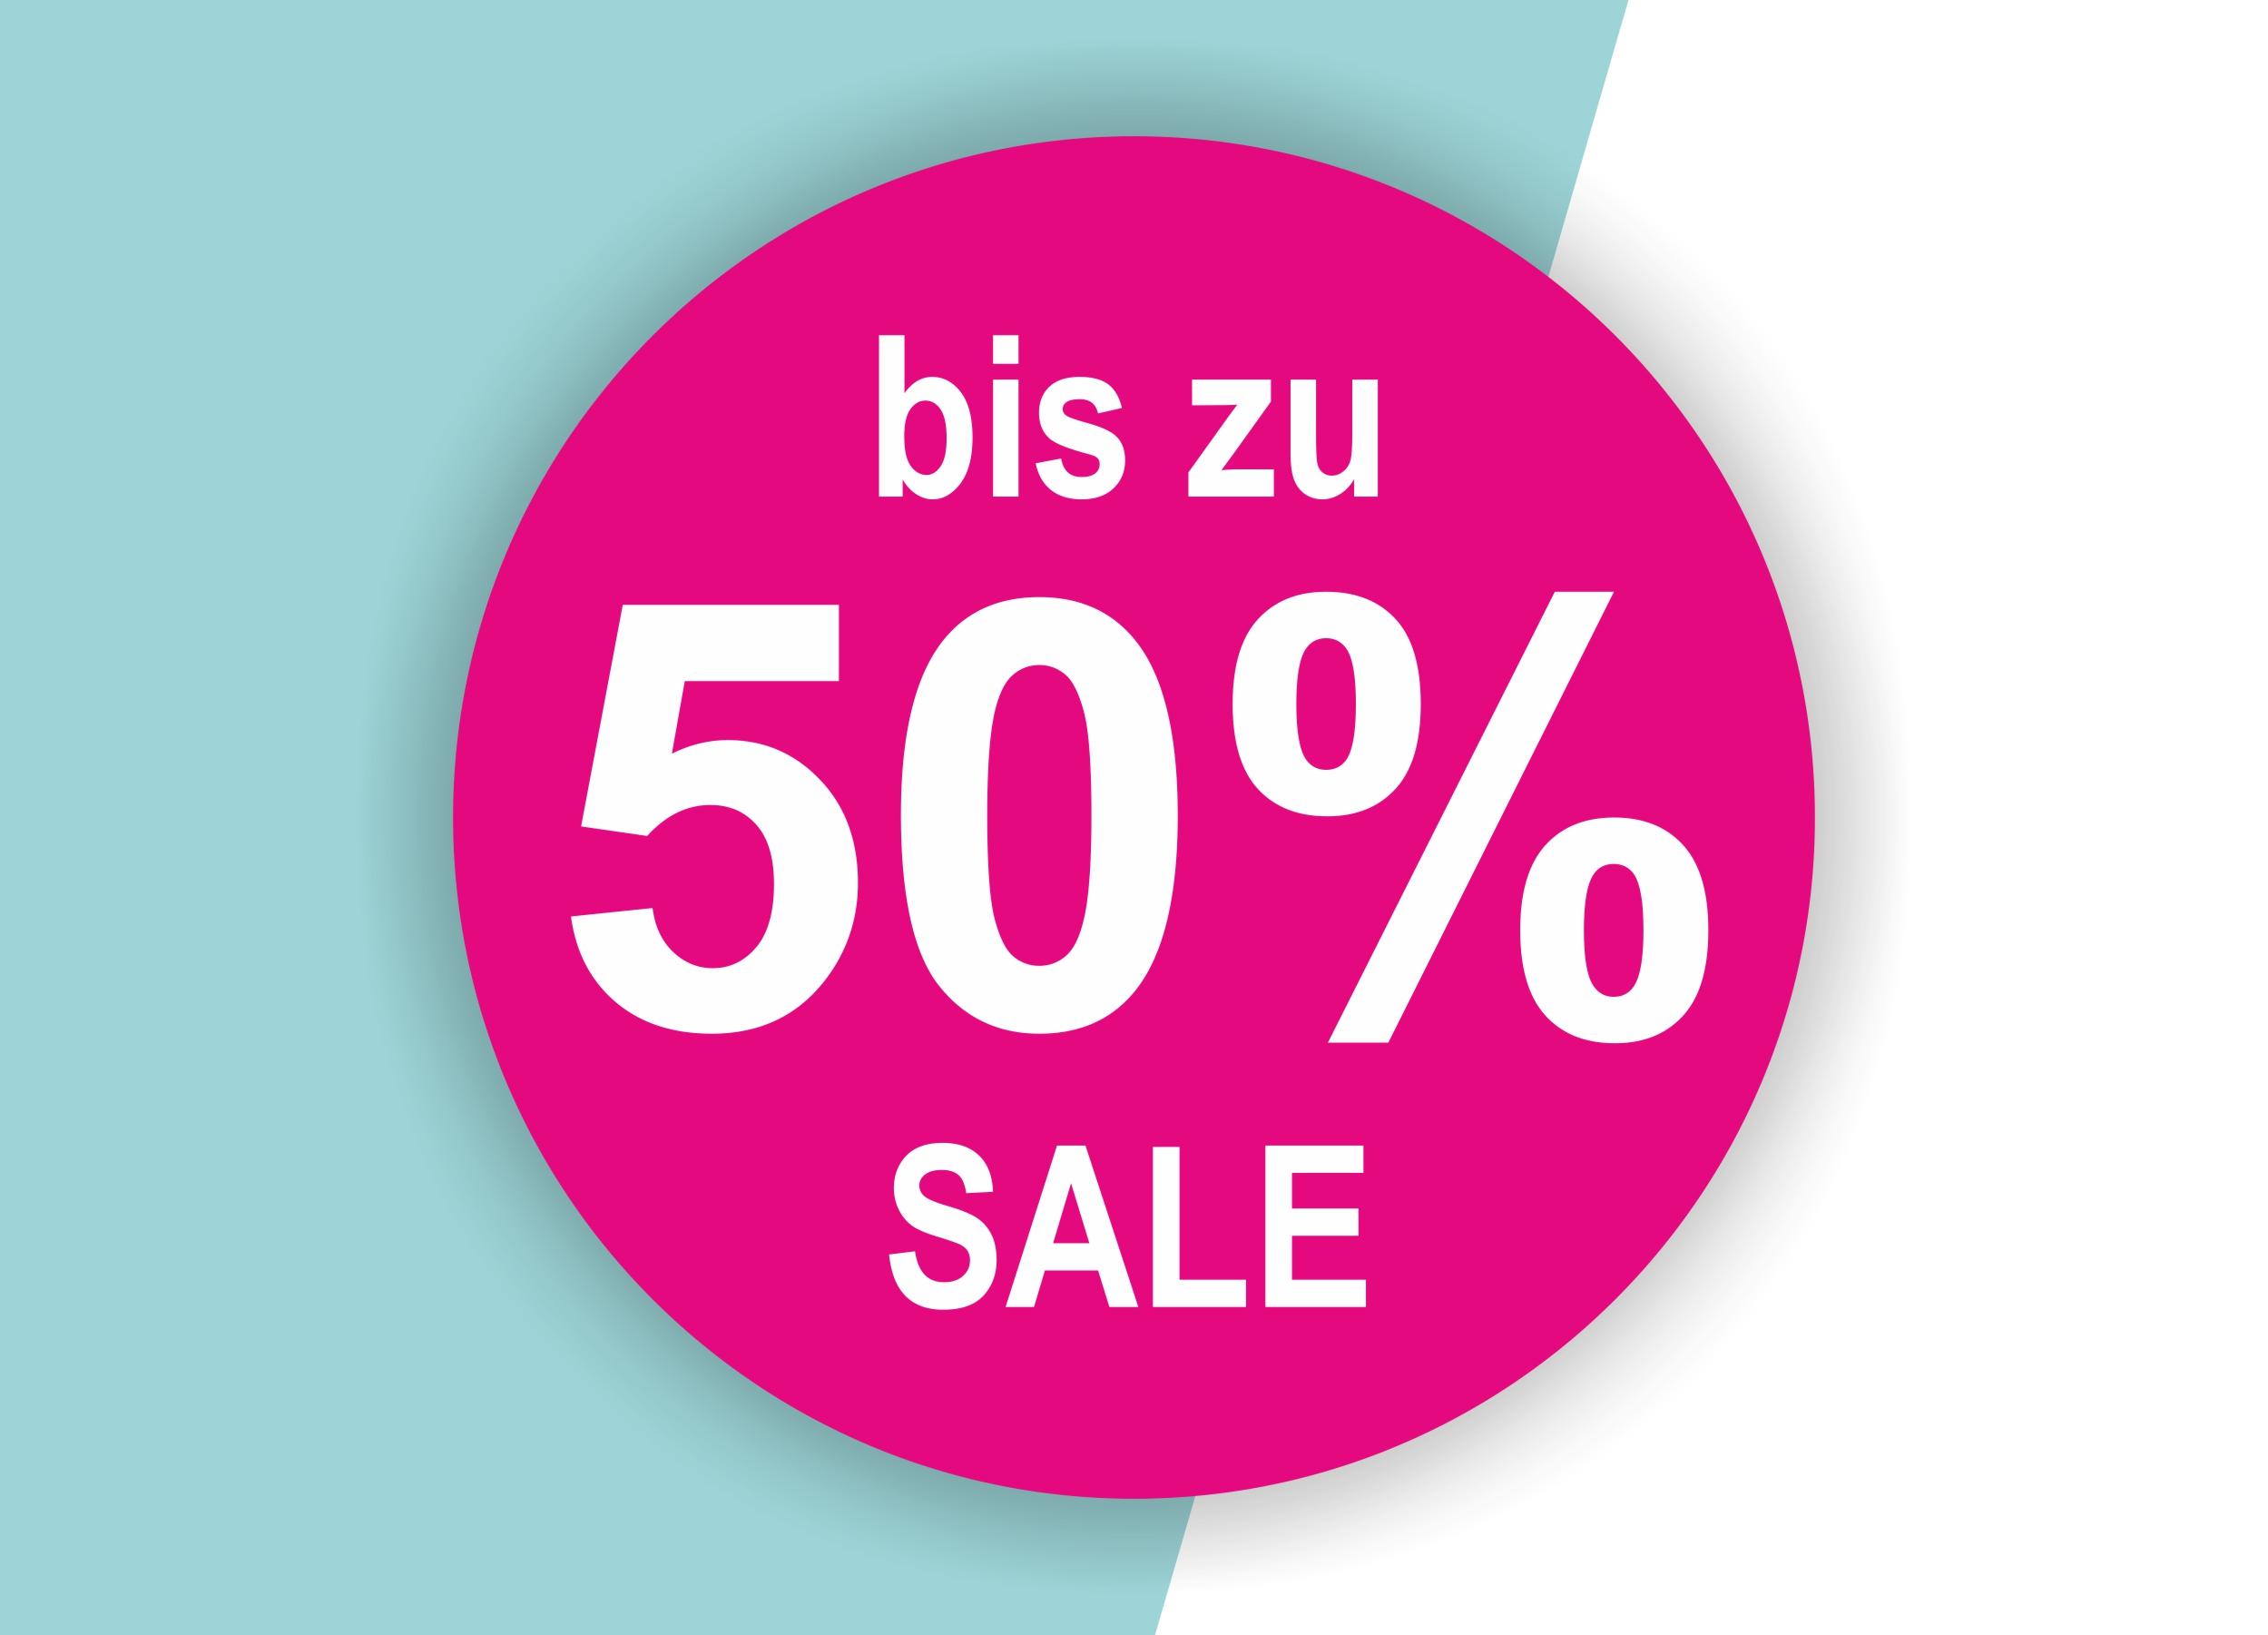 50% SALE Aufkleber Schaufenster Rabatt Ausverkauf Schlussverkauf SSV WSV % — Farbe: Pink-Weiß